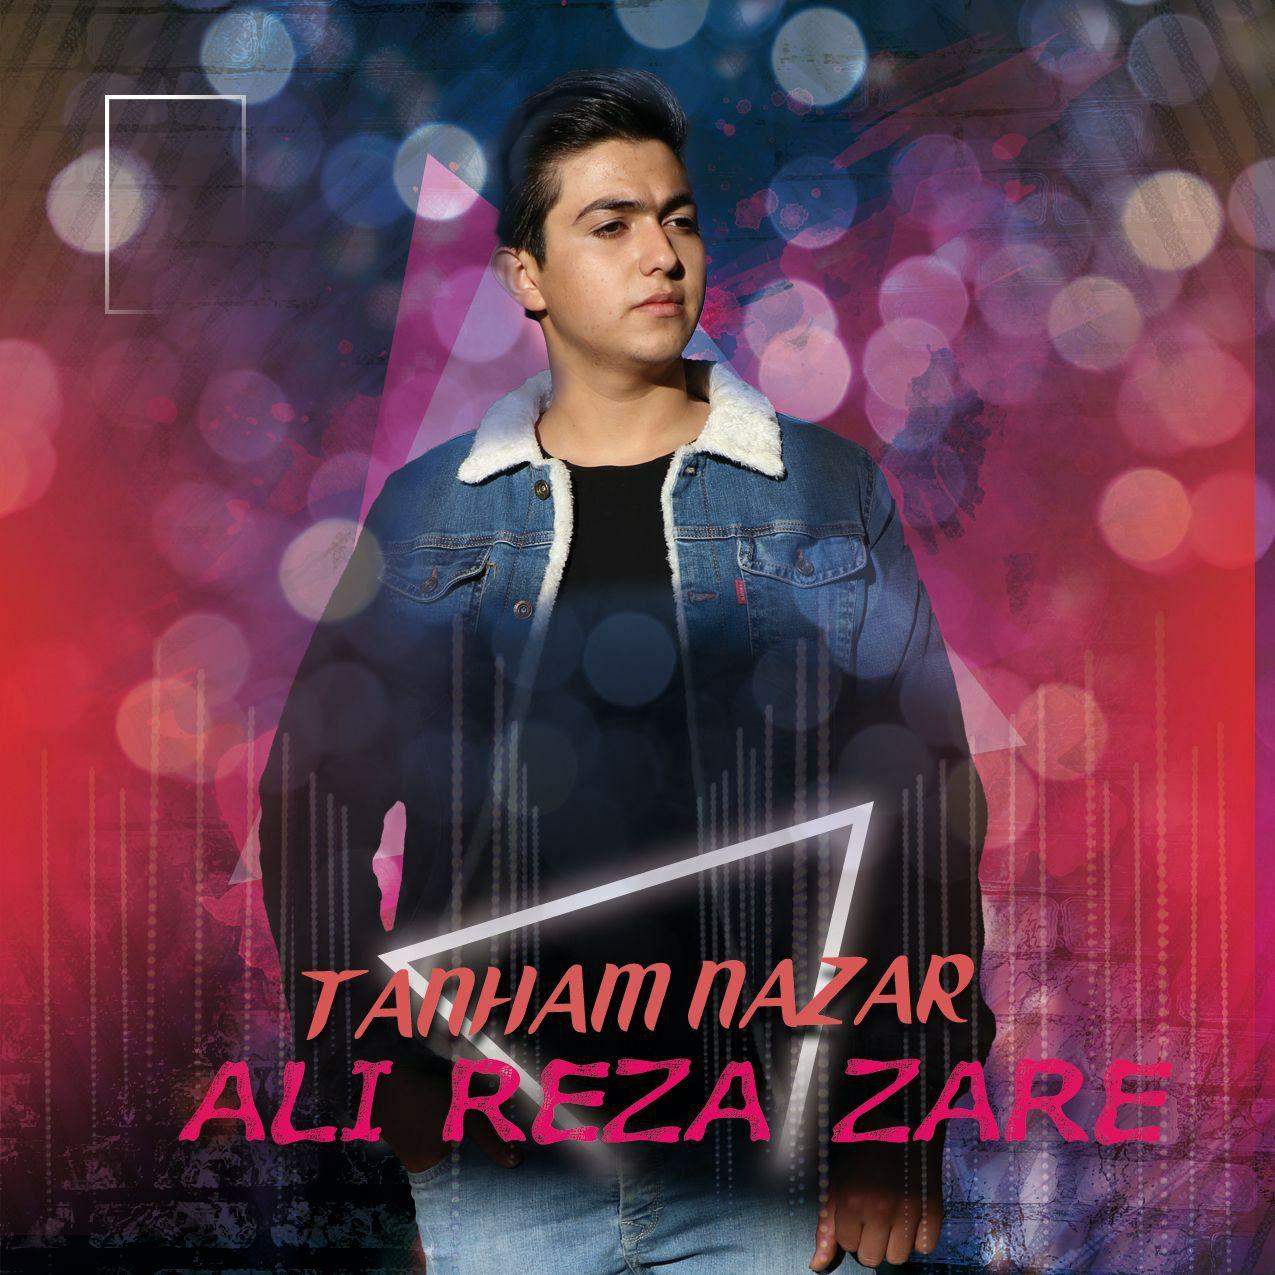 آهنگ جدید با صدای علیرضا زارع به نام تنهام نزار